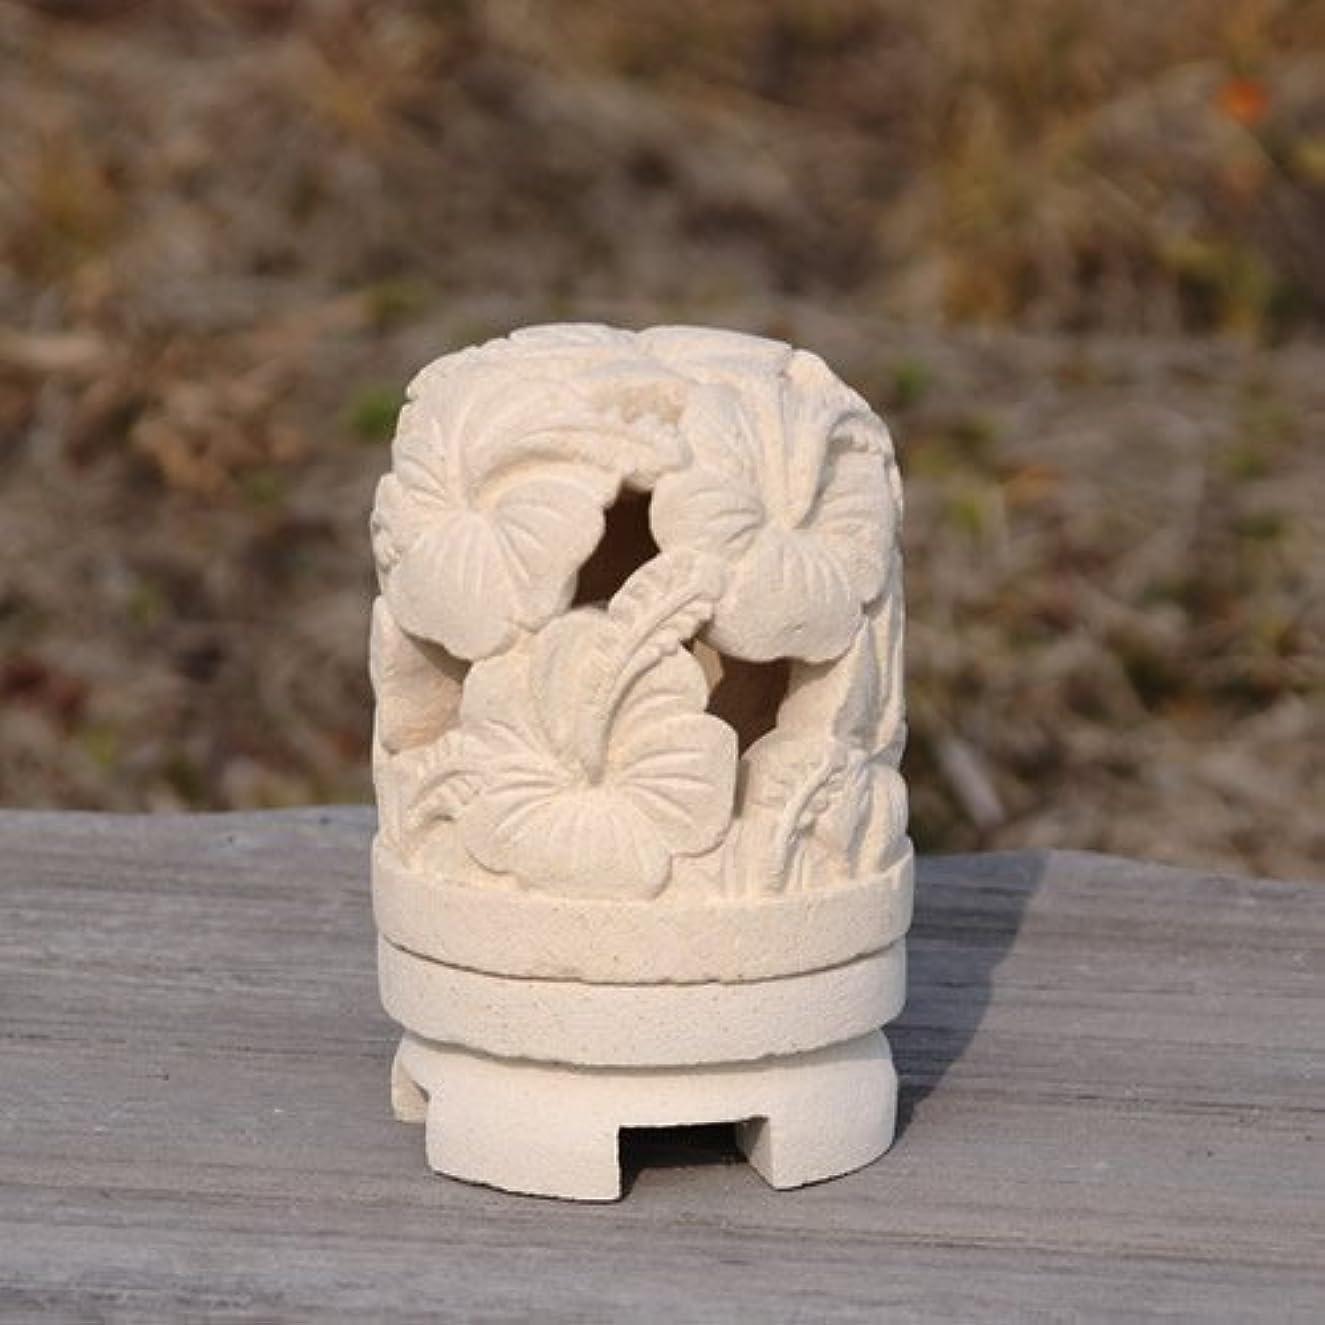 スモッグ子供時代ログライムストーンで出来たハンドメイドの丸いキャンドルホルダー (タイプB(ハイビスカス))